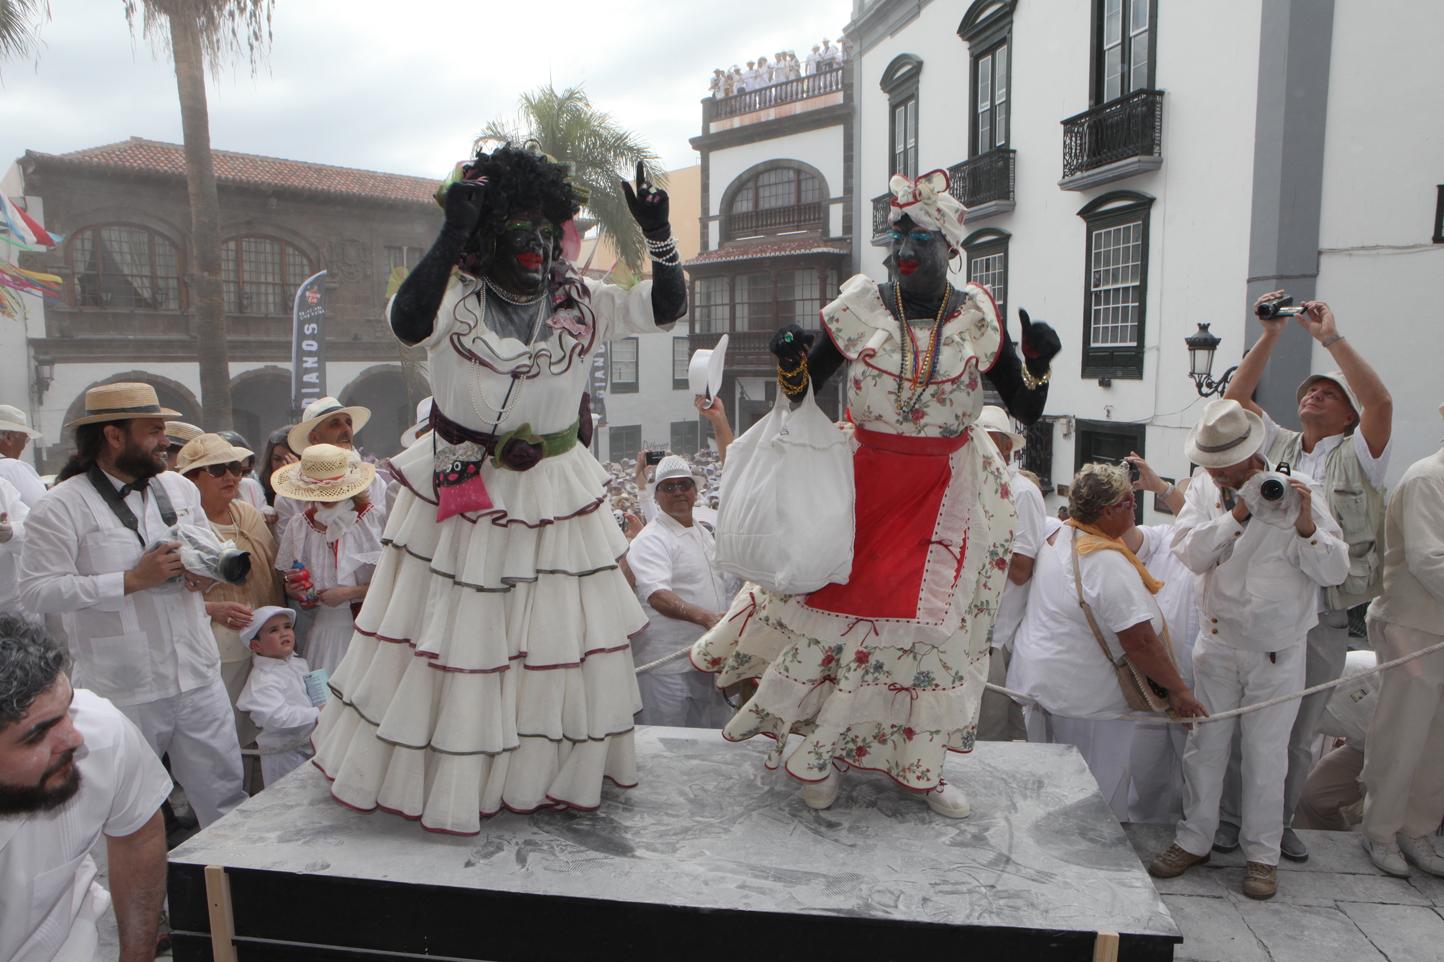 Indianos7 JuanArturo1 Los Carnavales más divertidos y originales de España